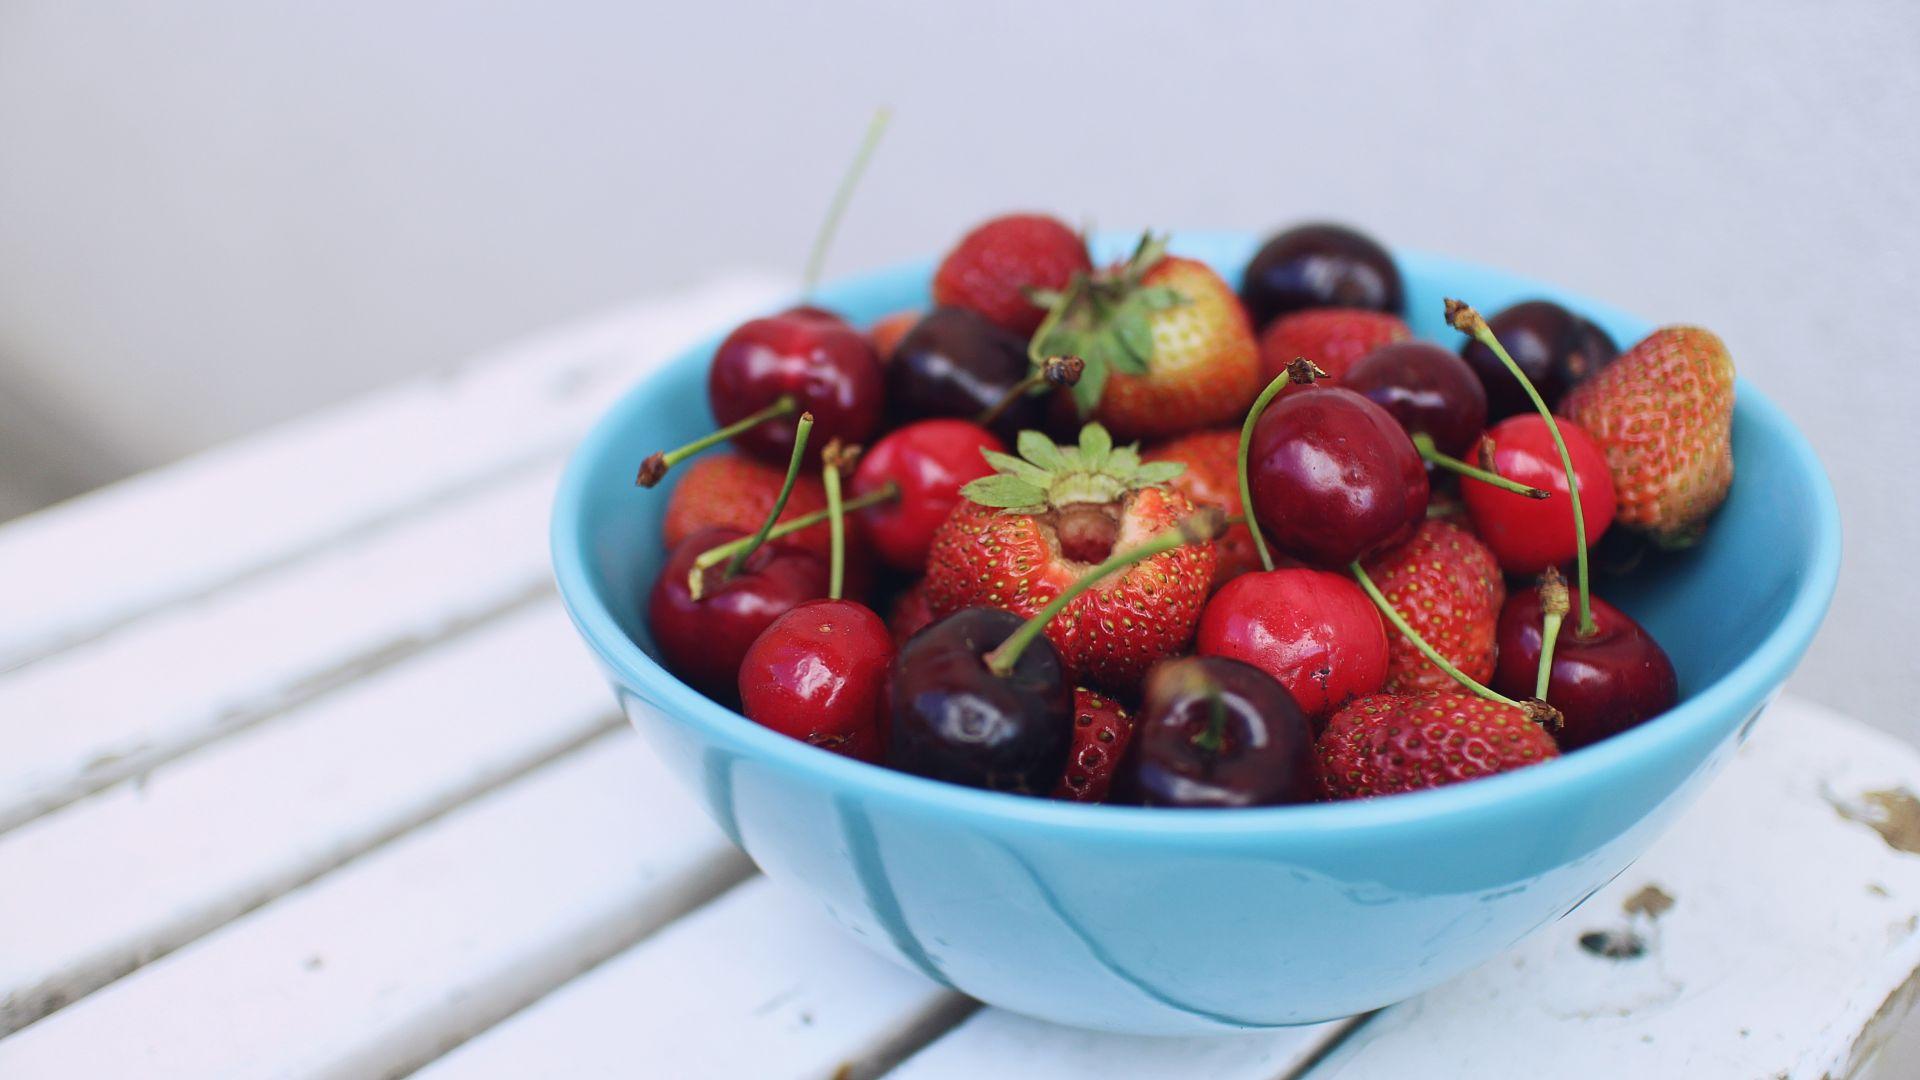 Berries Strawberry Cherry Black Wallpaper